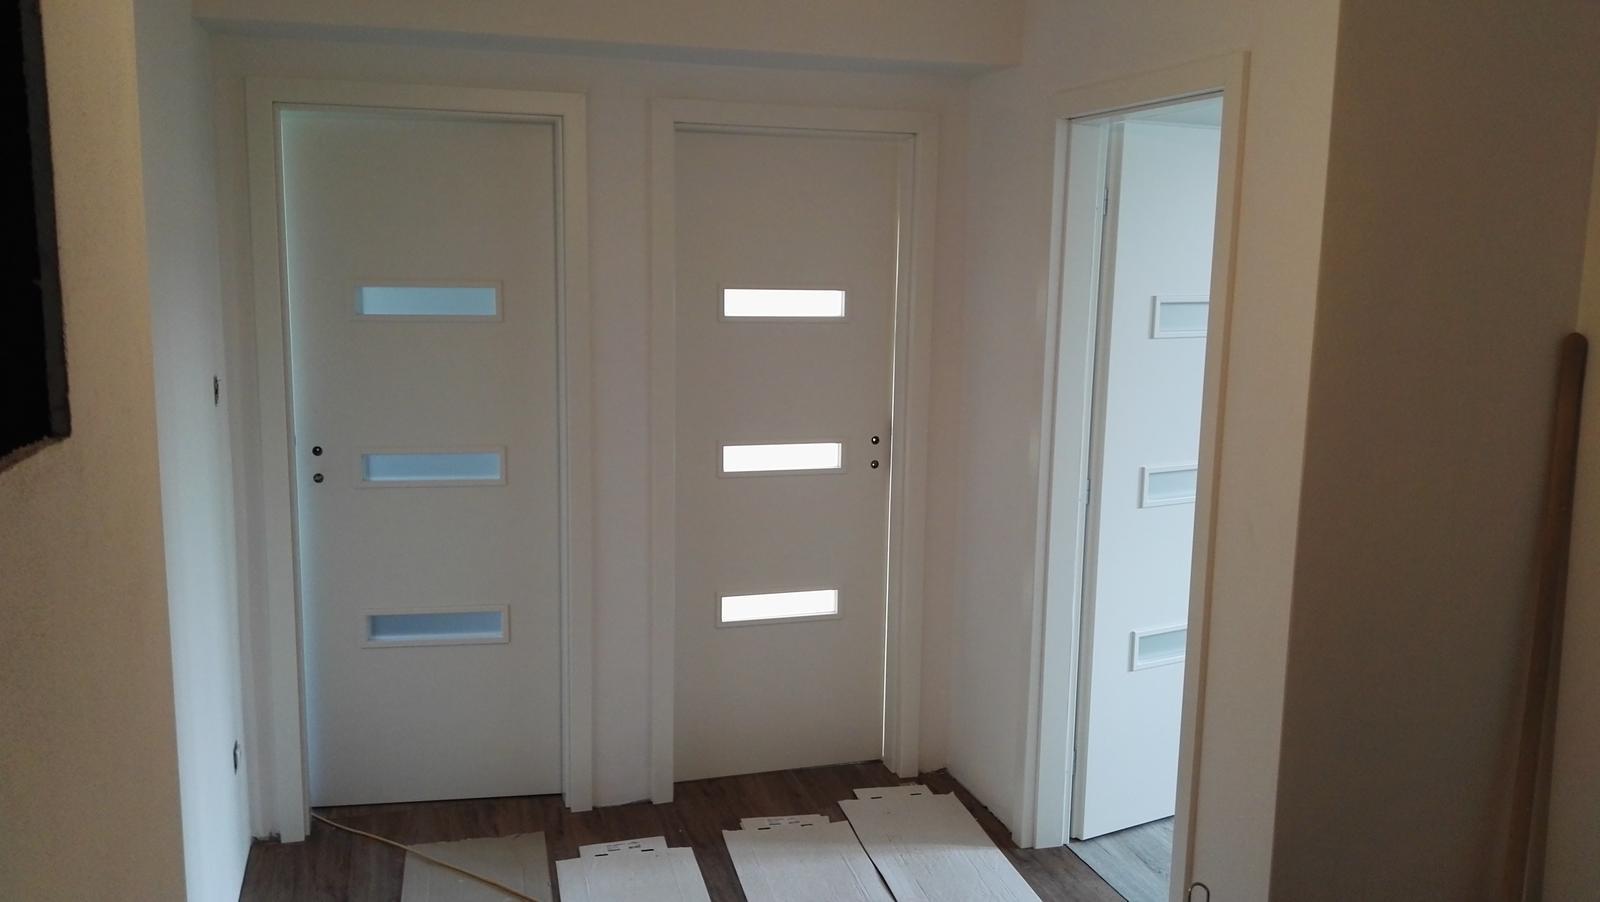 Projekt: Nové bývanie ... - ... pracuje sa na dverách ...